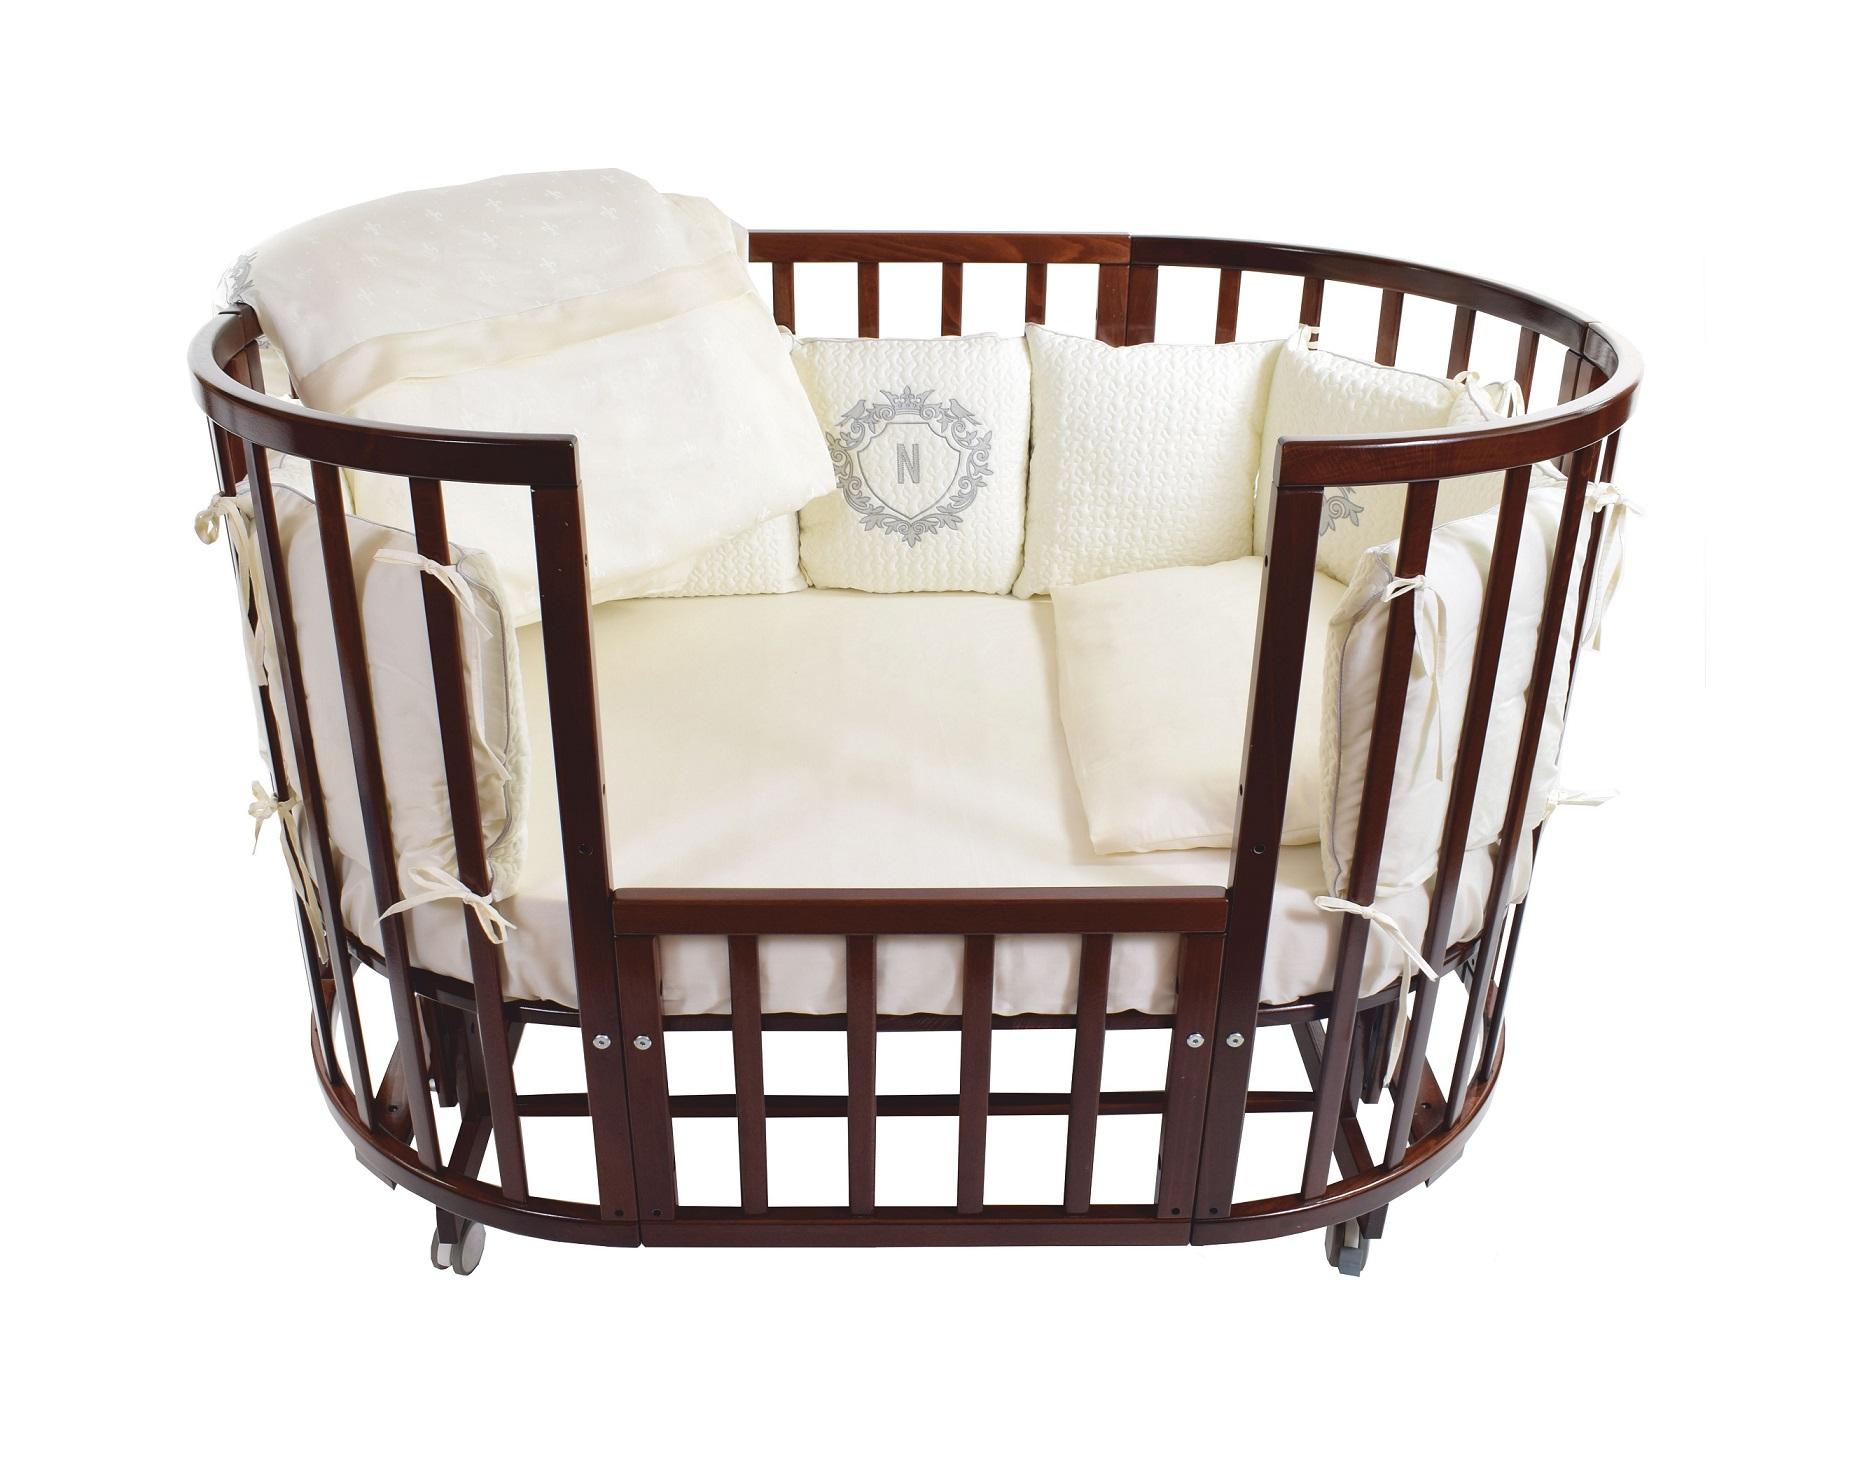 Комплект в кроватку Nuovita Giardino reale, 6 предметов с бортиком из 12 подушек, цвет – шампаньДетское постельное белье<br>Комплект в кроватку Nuovita Giardino reale, 6 предметов с бортиком из 12 подушек, цвет – шампань<br>